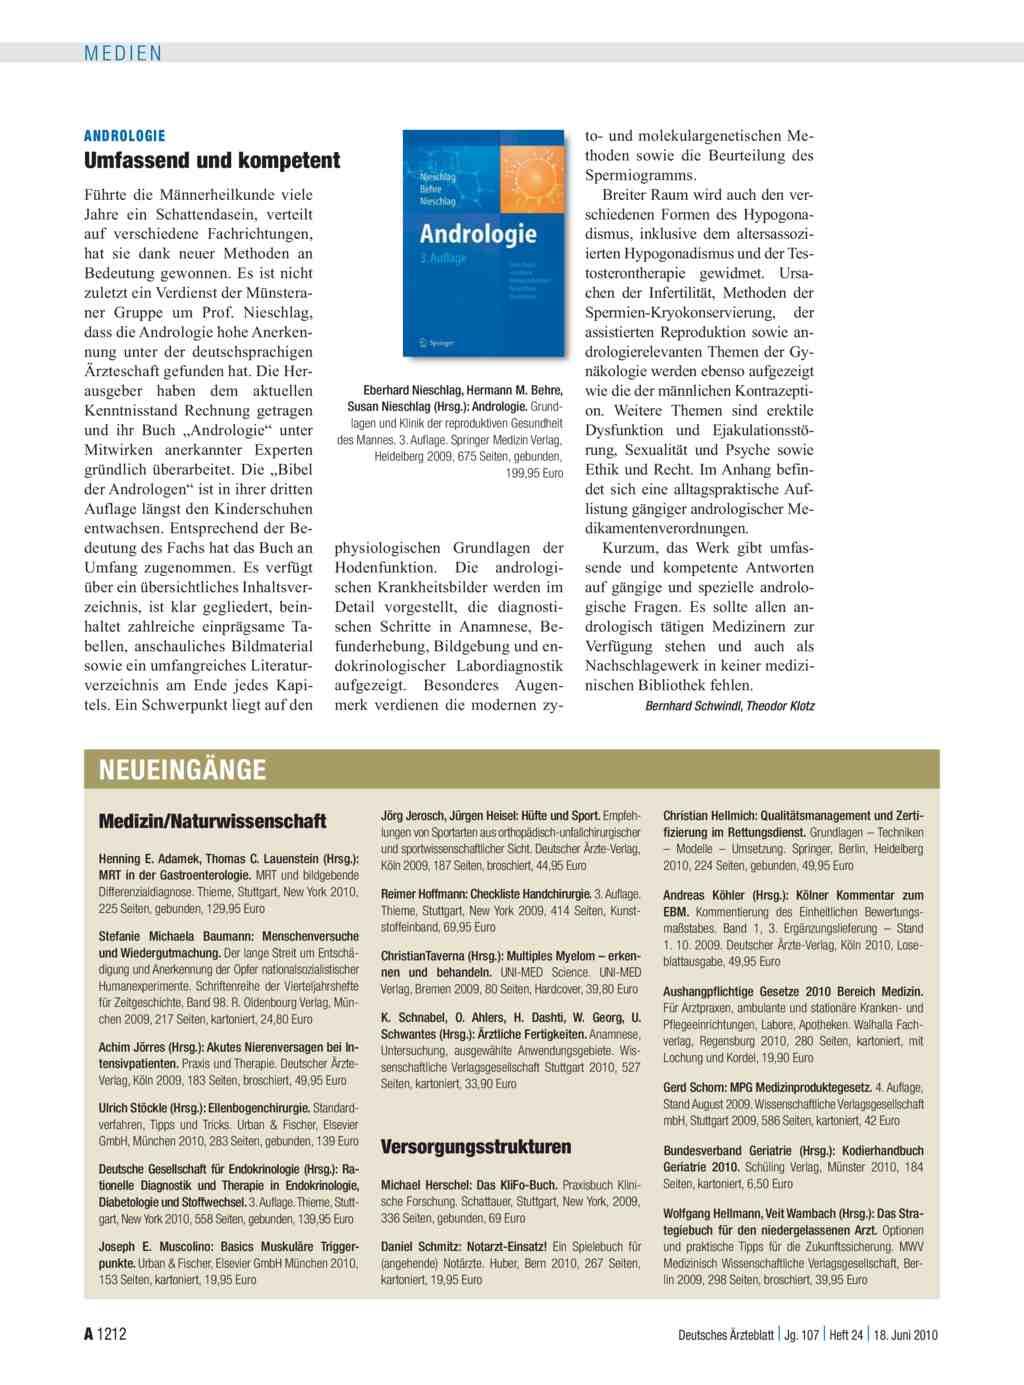 das klifobuch praxisbuch klinische forschung